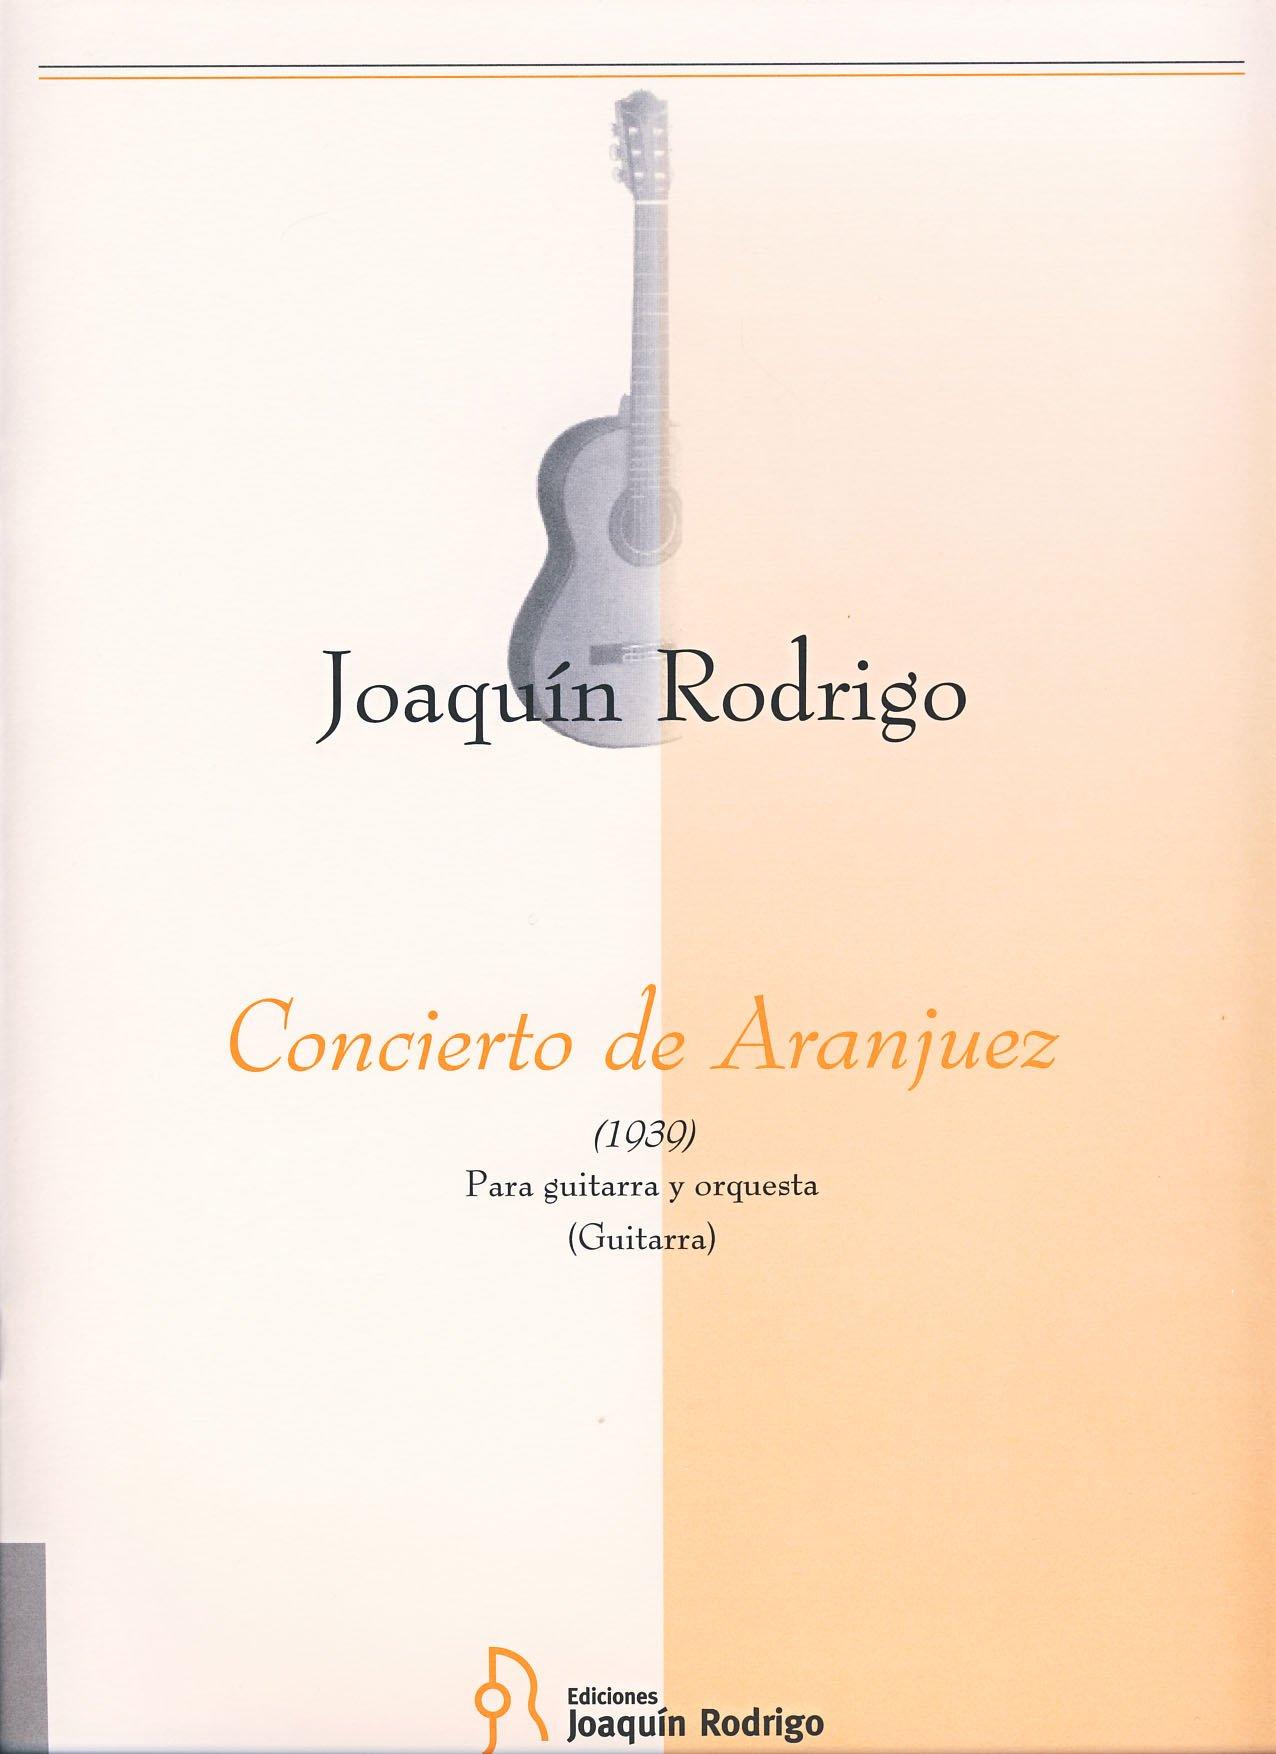 RODRIGO - Concierto de Aranjuez para Guitarra: Amazon.es: RODRIGO ...